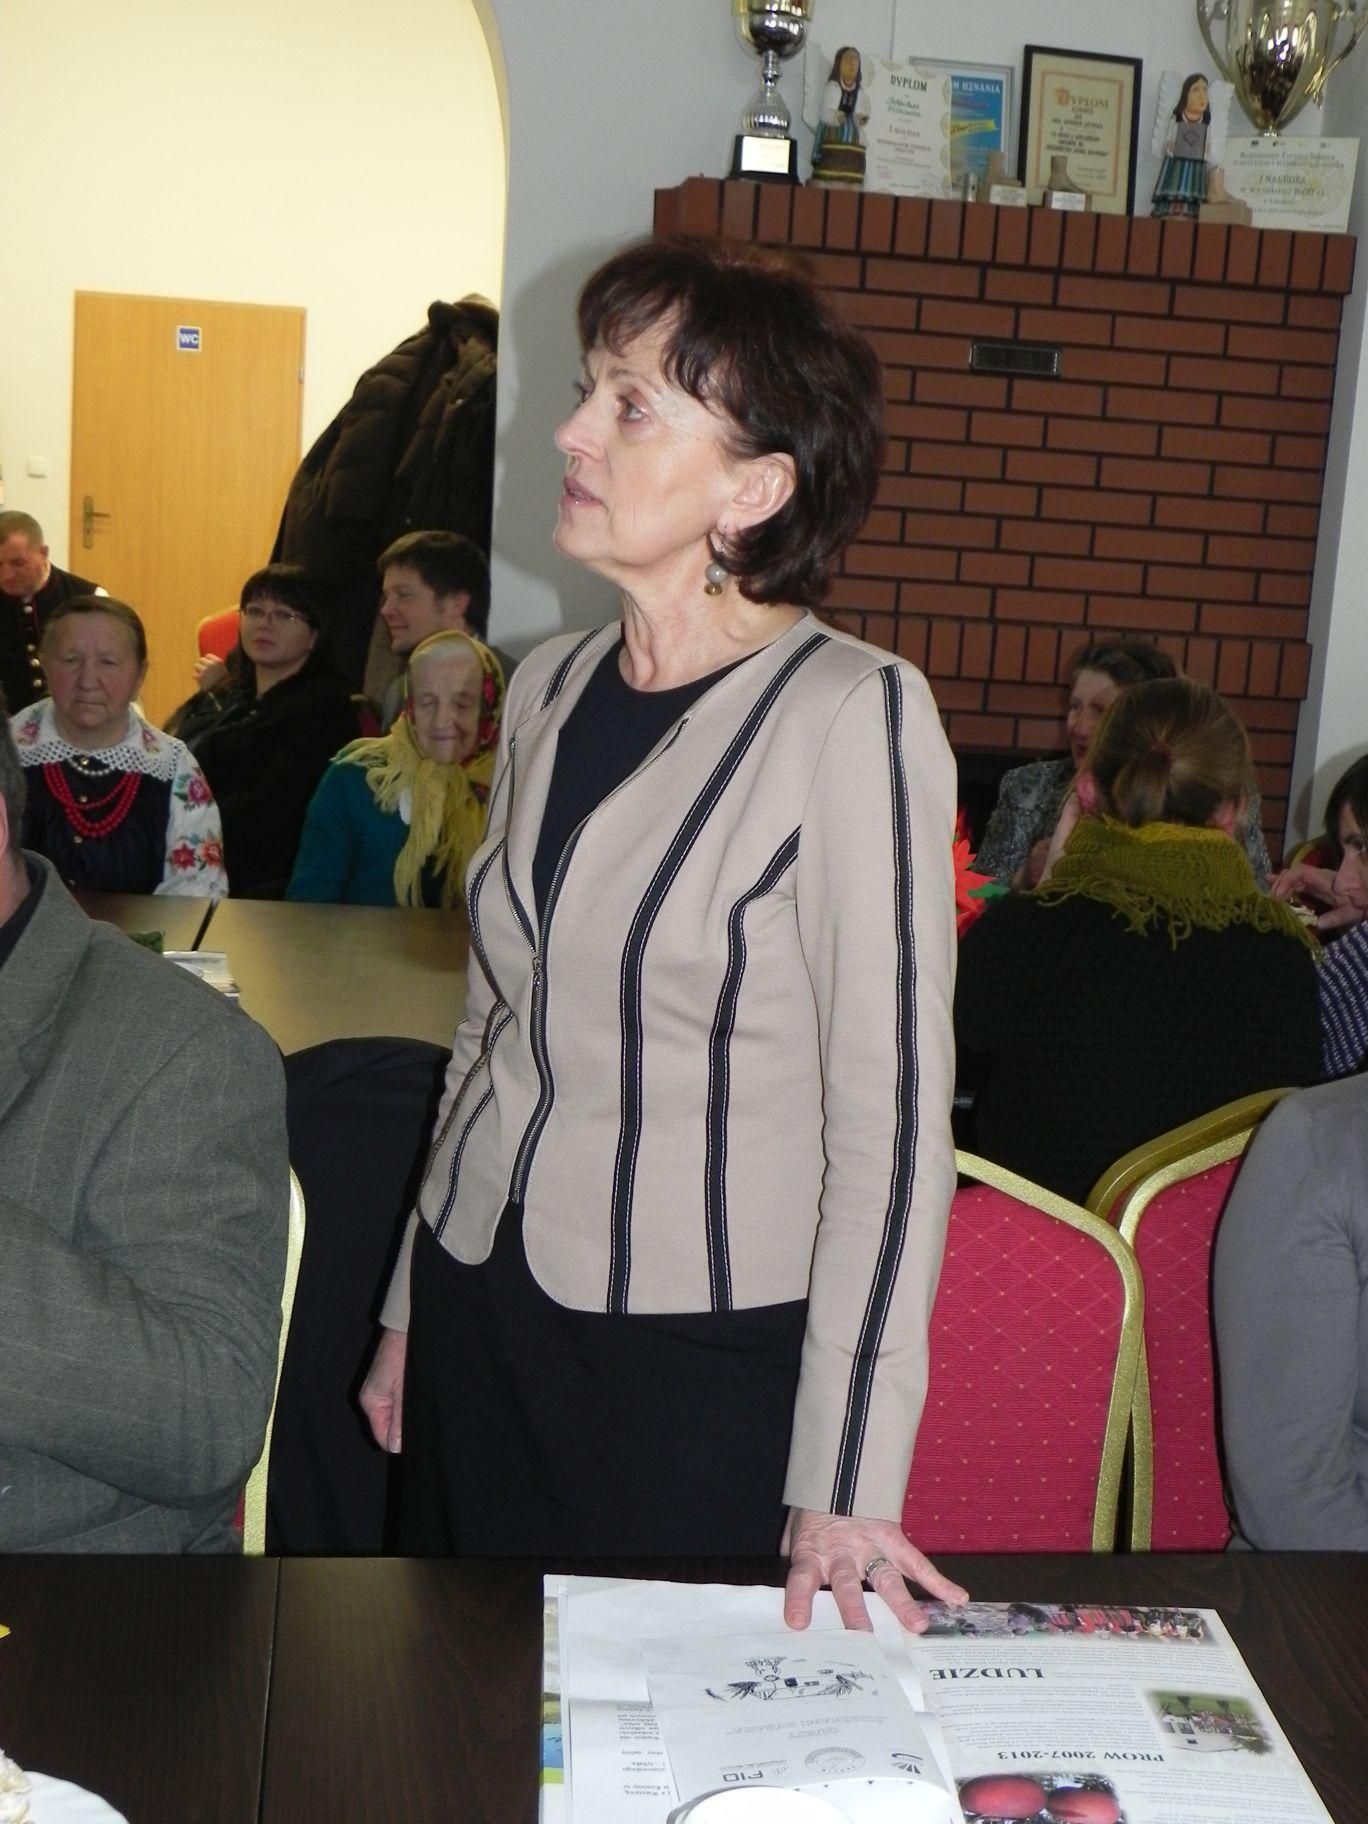 2012-12-14 Wilkowice - Konferencja Wioski tematyczne (86)